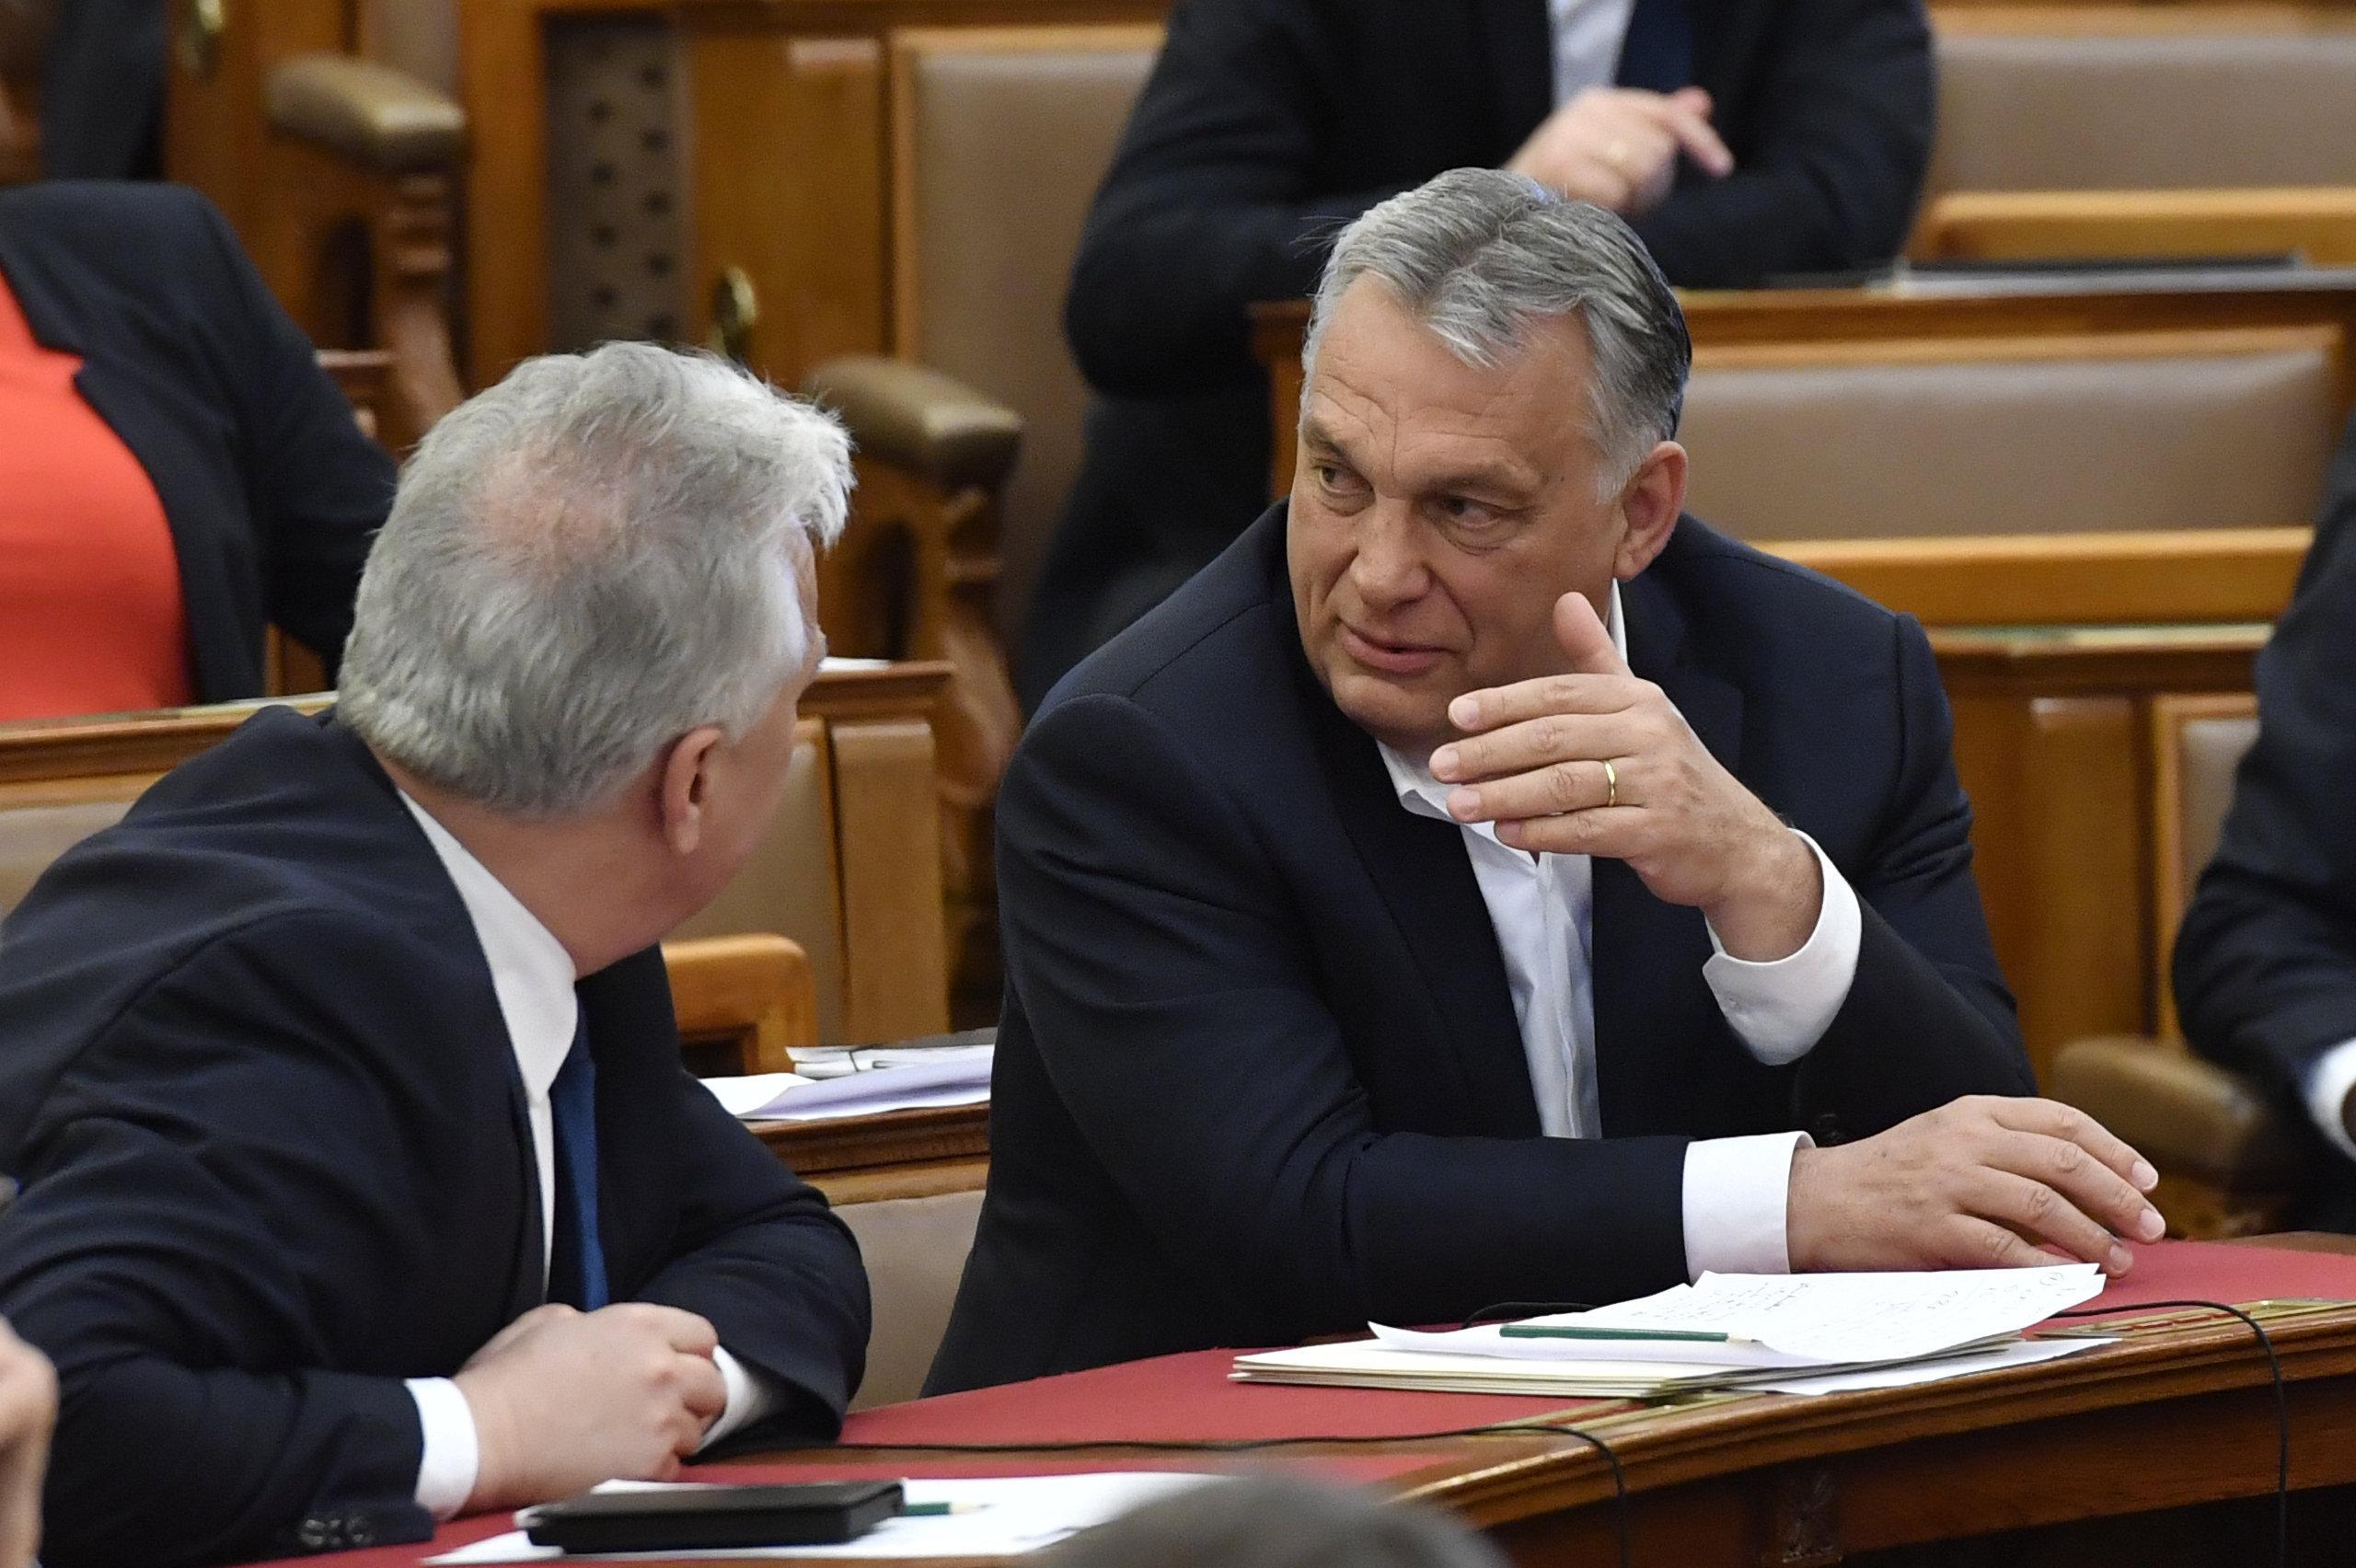 Benyújtotta a kormány a hitelmoratórium meghosszabbításáról szóló javaslatot